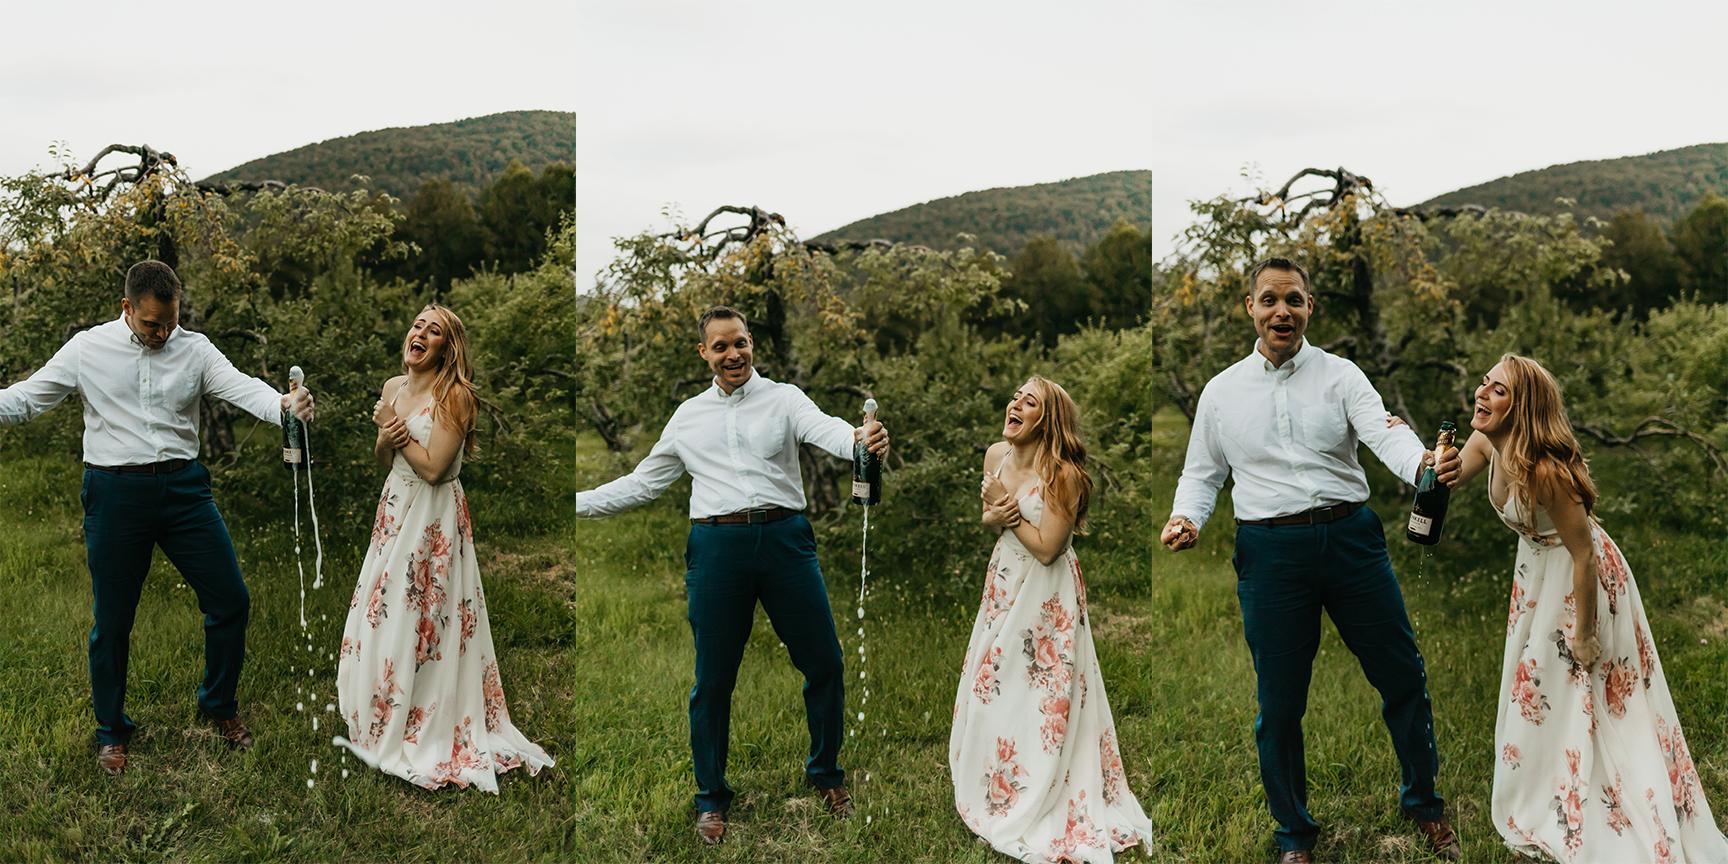 Engagement-shoot-Mont-saint-hilaire-québec-20.jpg